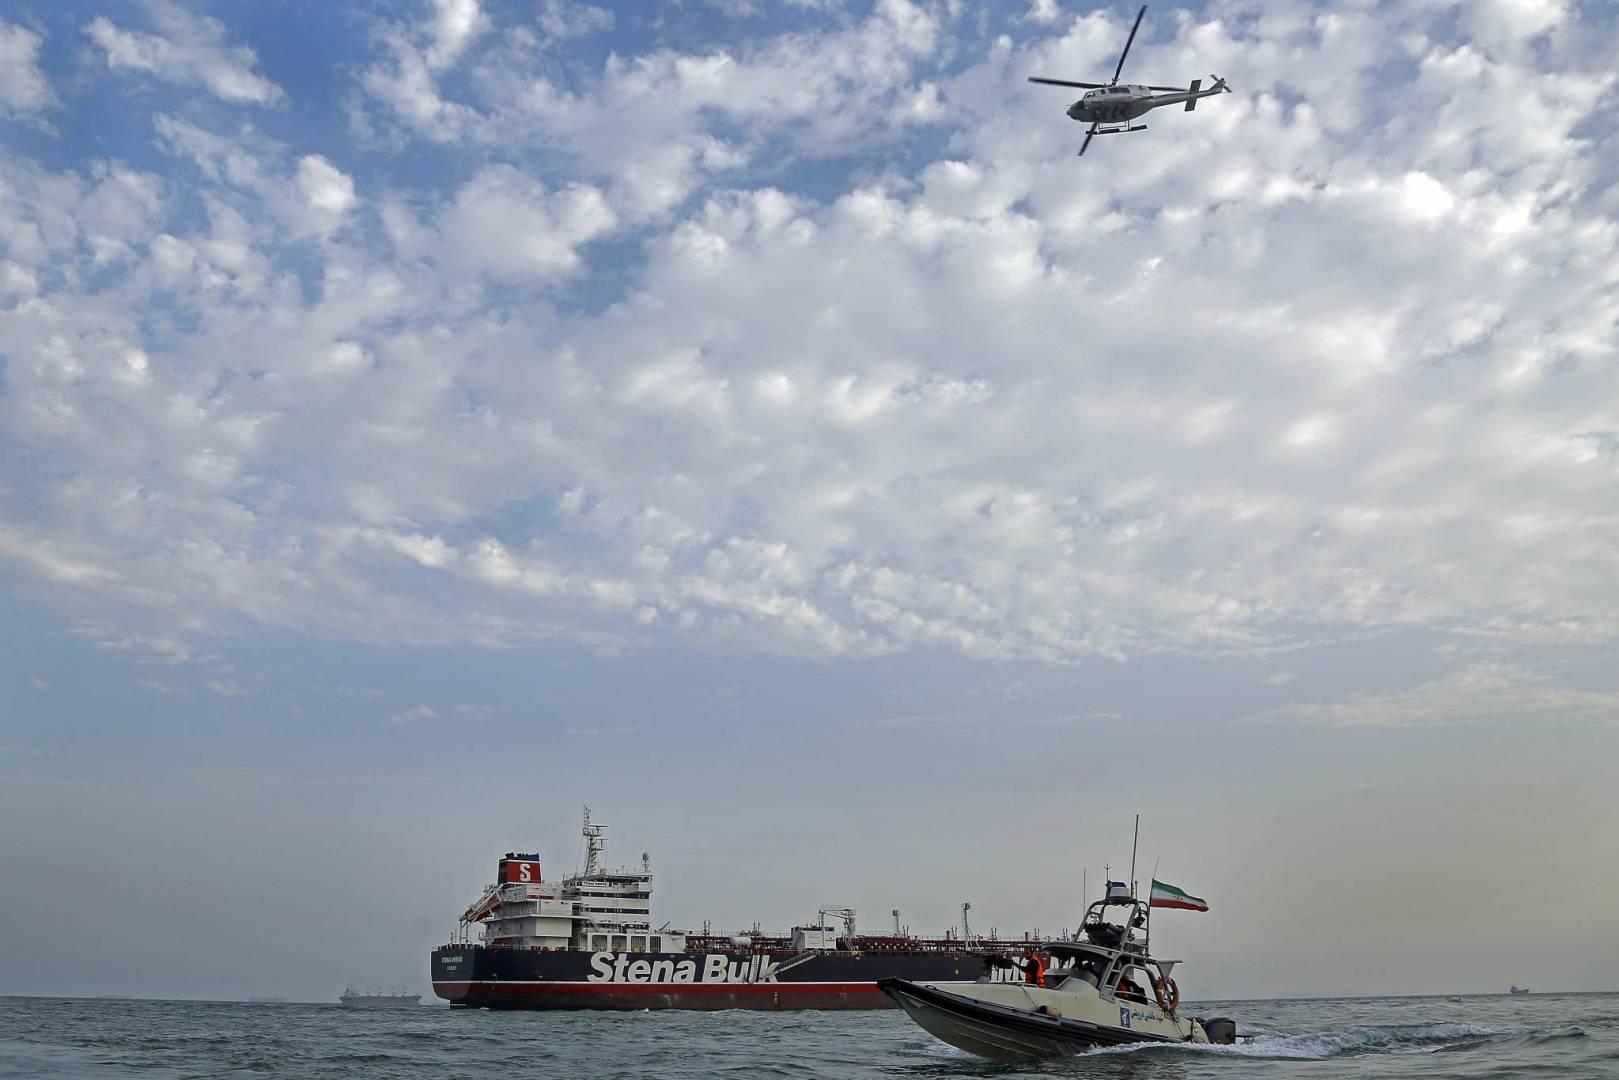 """يديعوت أحرونوت: الدافع وراء """"الخطاب الإيراني"""" لرئيس الأركان كوخافي"""